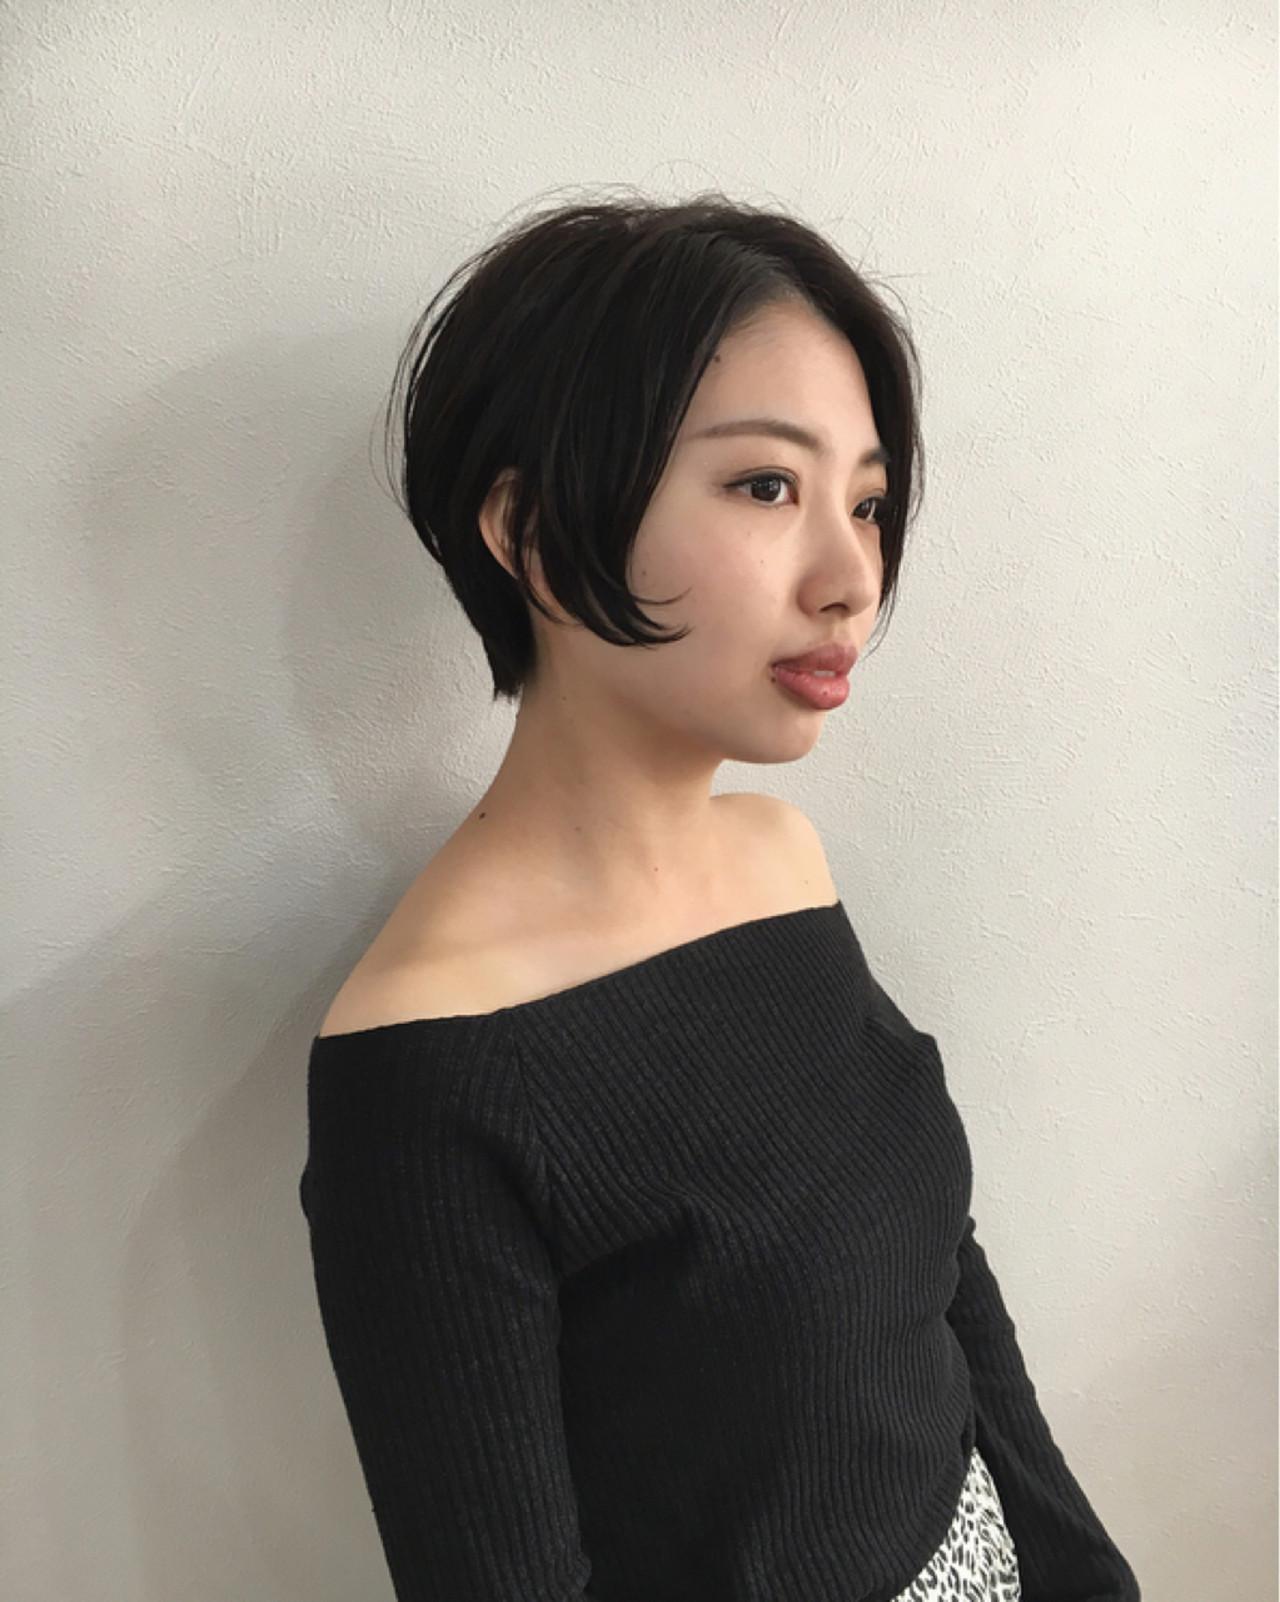 ショート ハンサム かっこいい モード ヘアスタイルや髪型の写真・画像